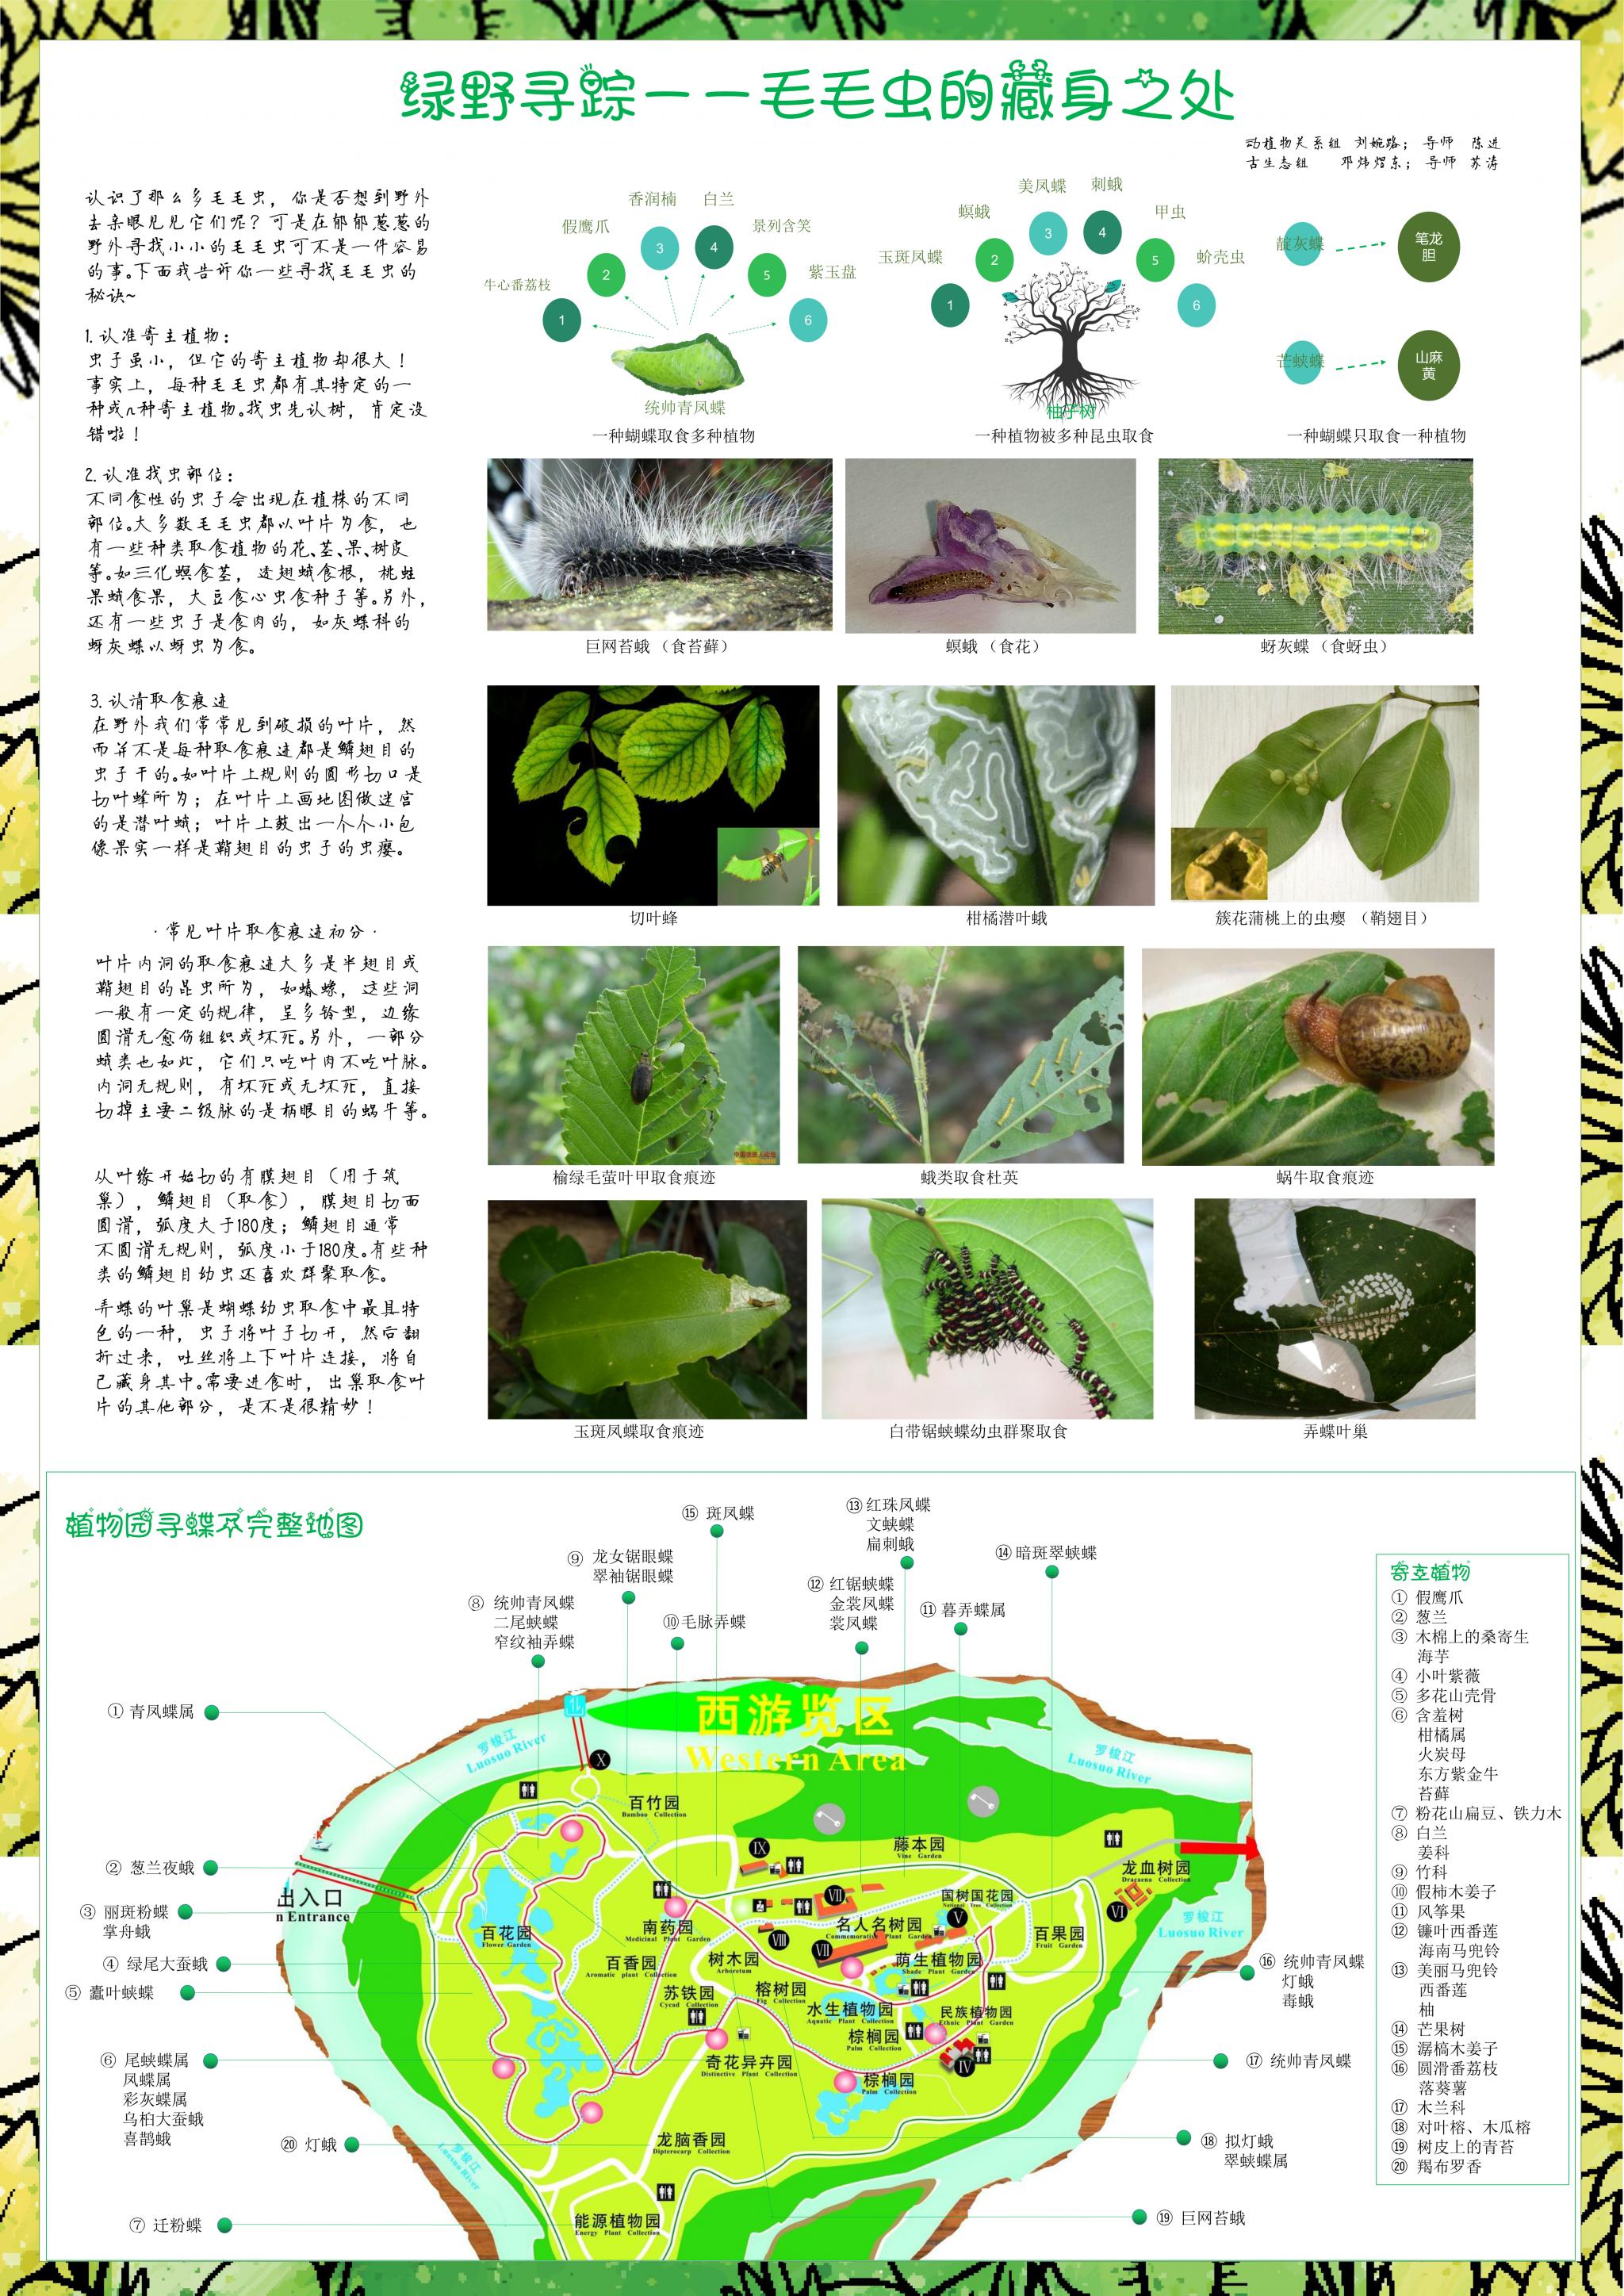 刘婉路 邓炜煜东- 绿野寻踪——毛毛虫的藏身之处